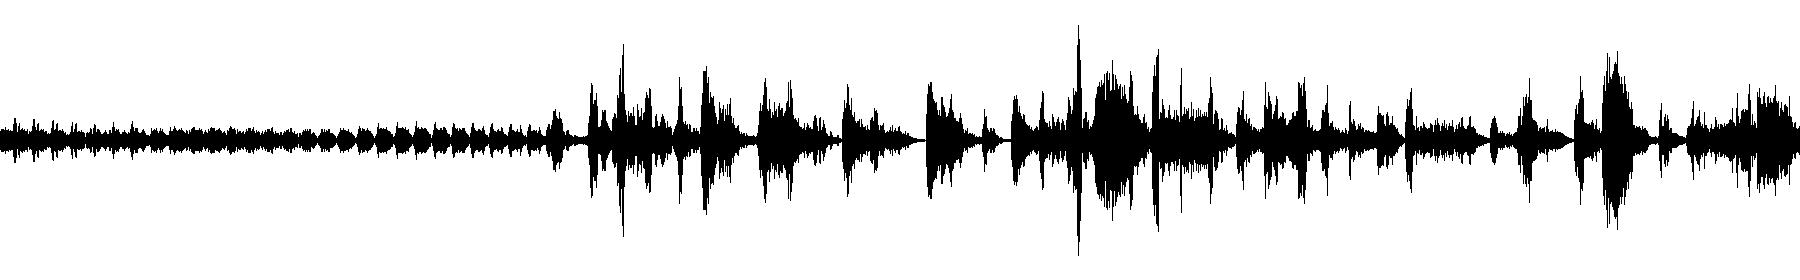 glitch percussion